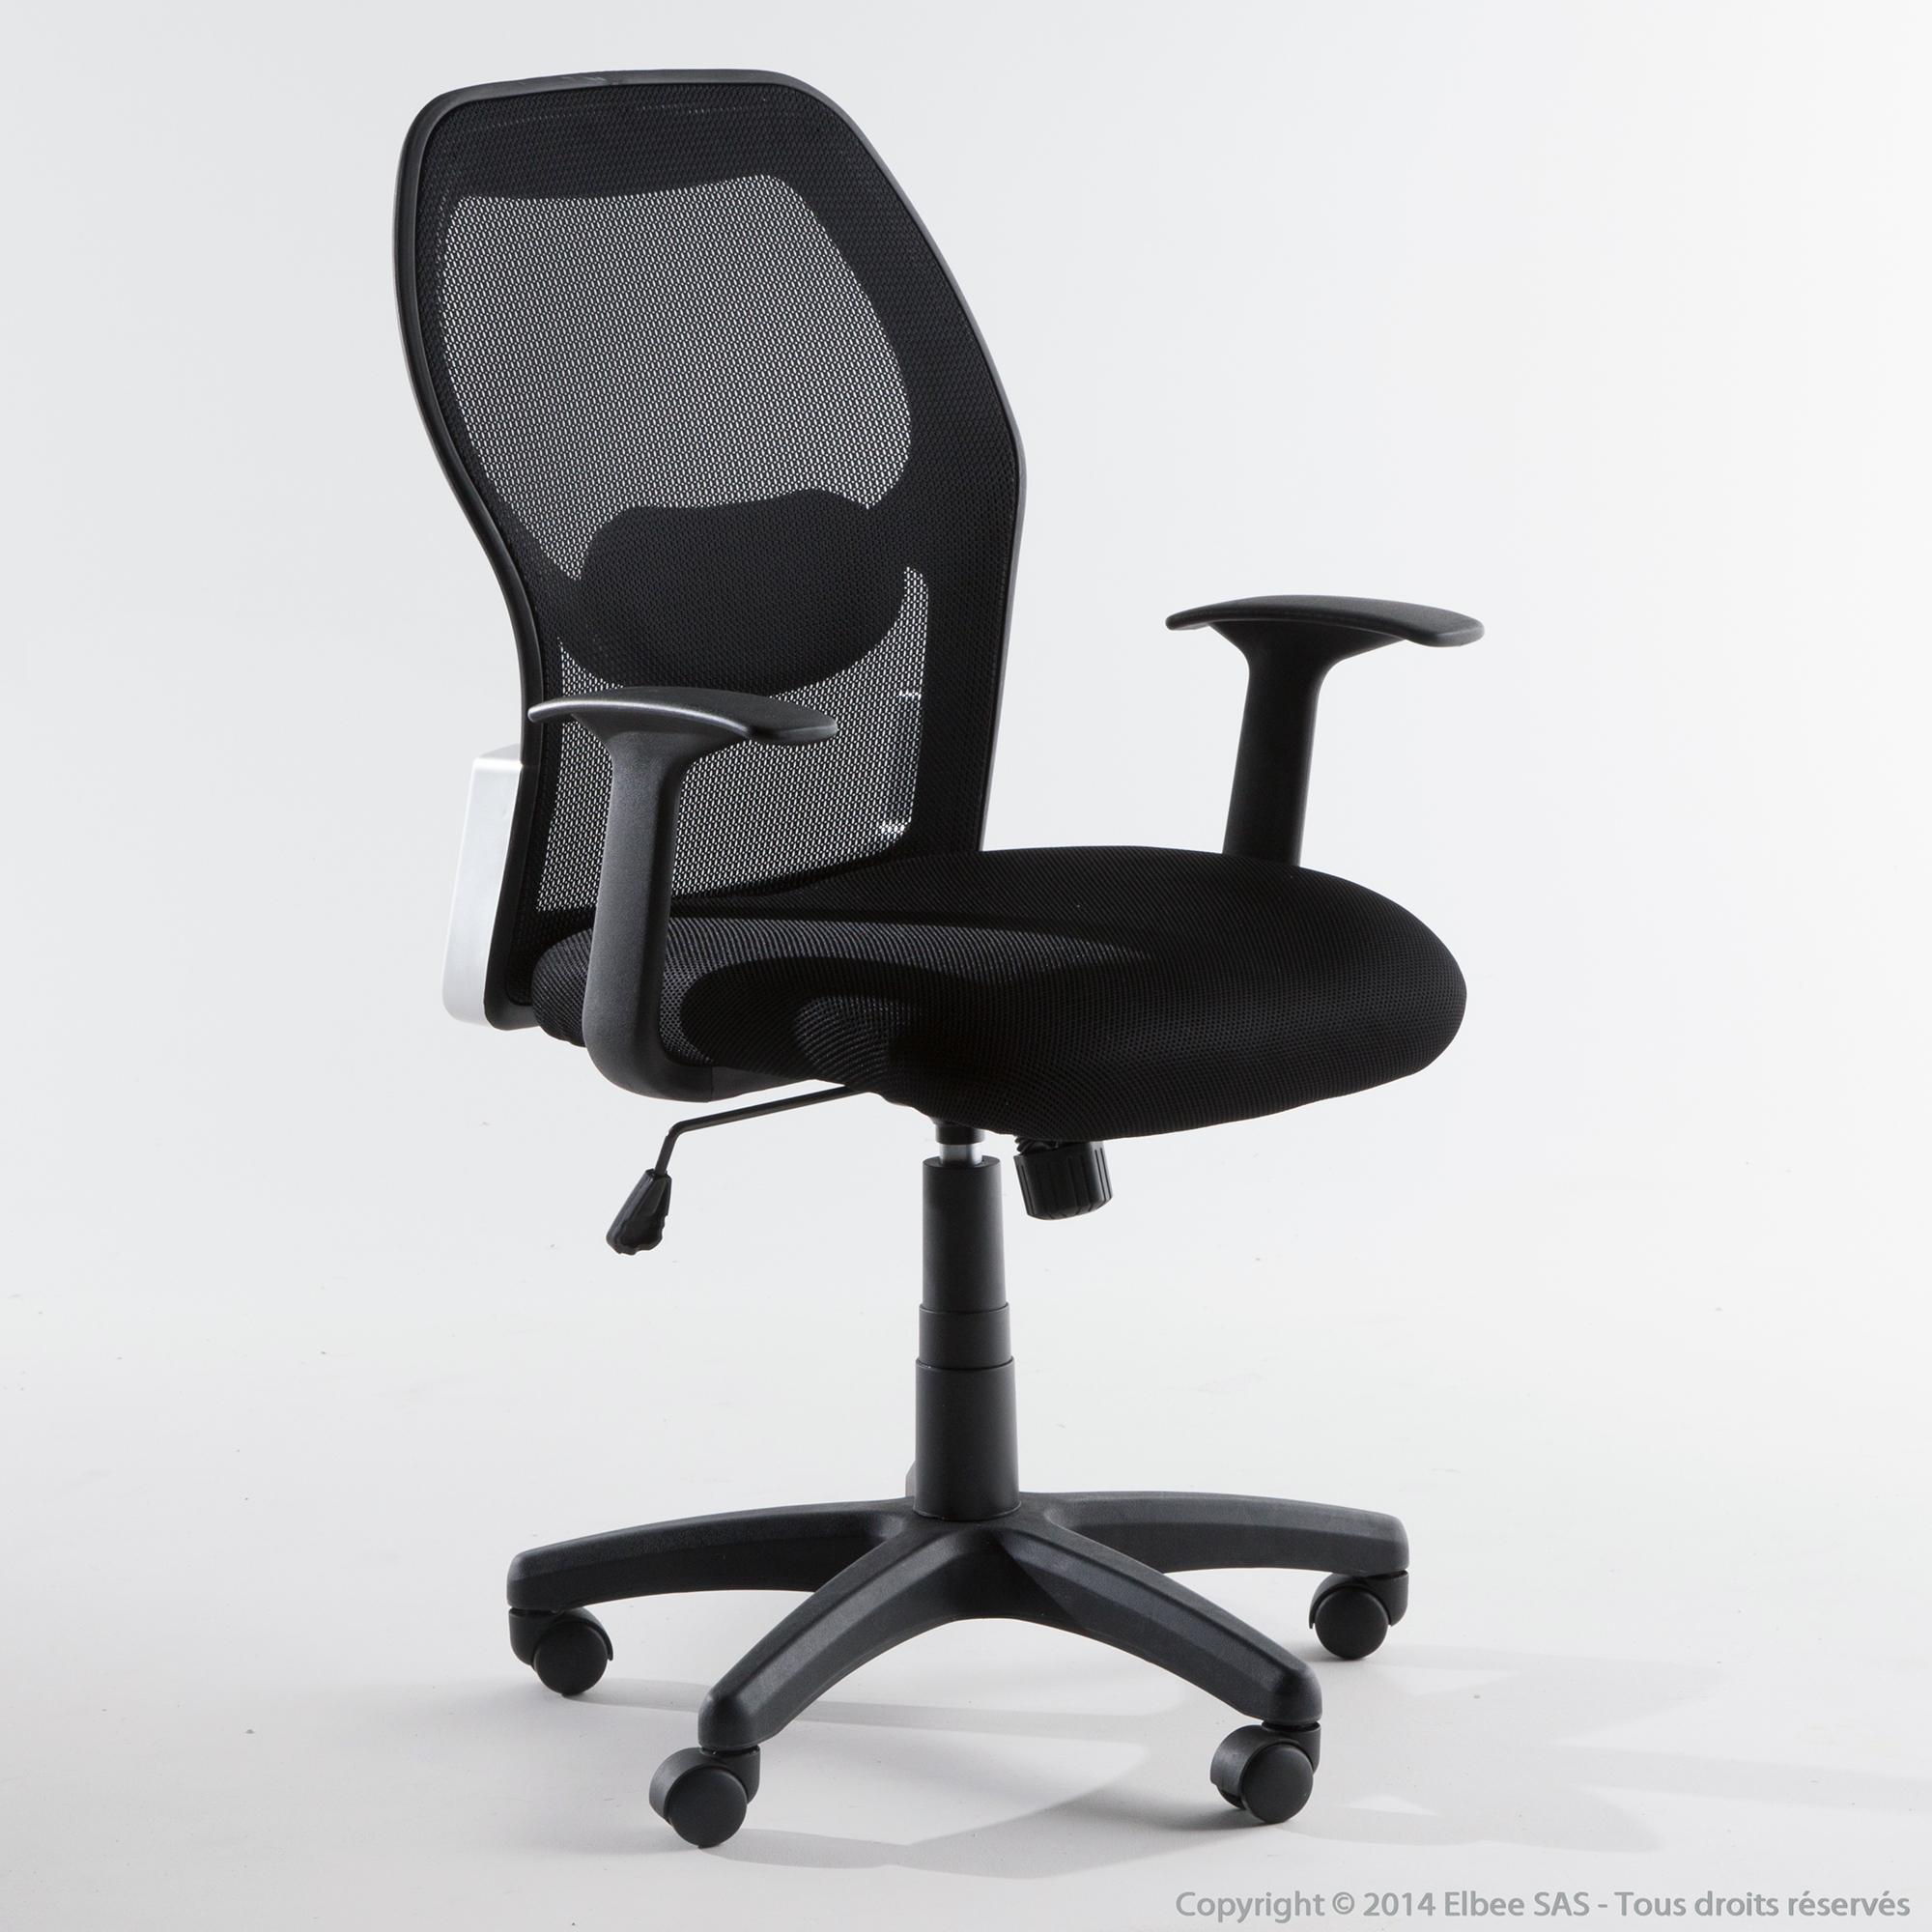 Chaise bureau accoudoir le monde de l a for Le monde de la chaise